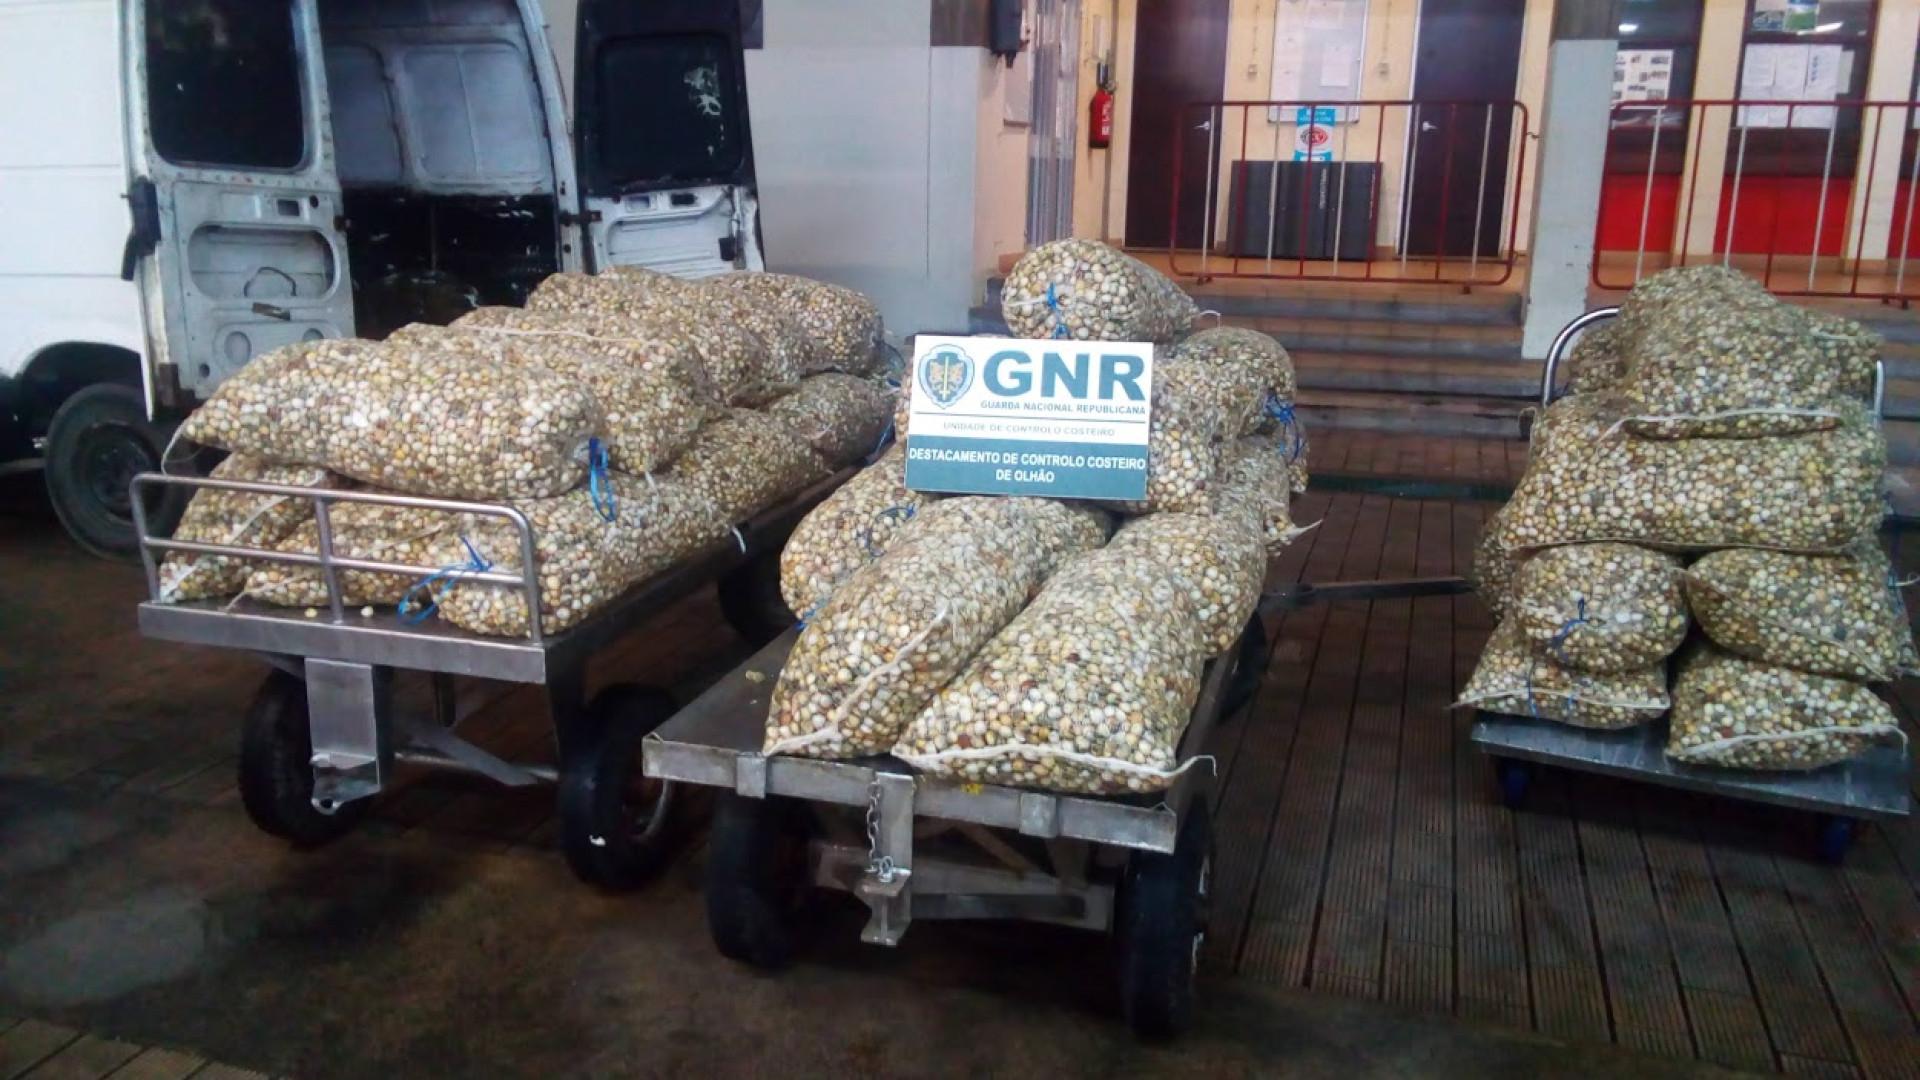 Mais de 1,5 toneladas de berbigão apreendidas. Valiam 4.500 euros